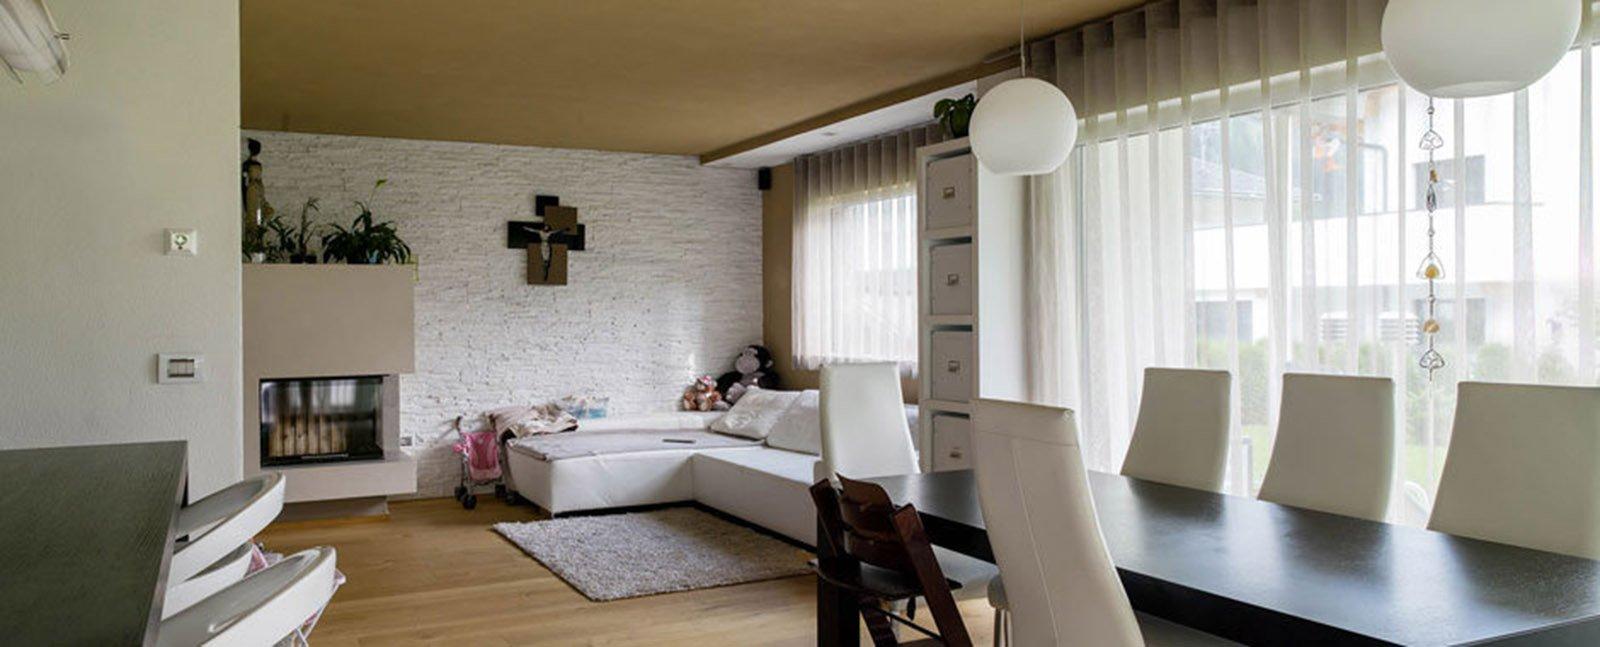 Casa bio rubner soligno int cose di casa for Rubner prezzi